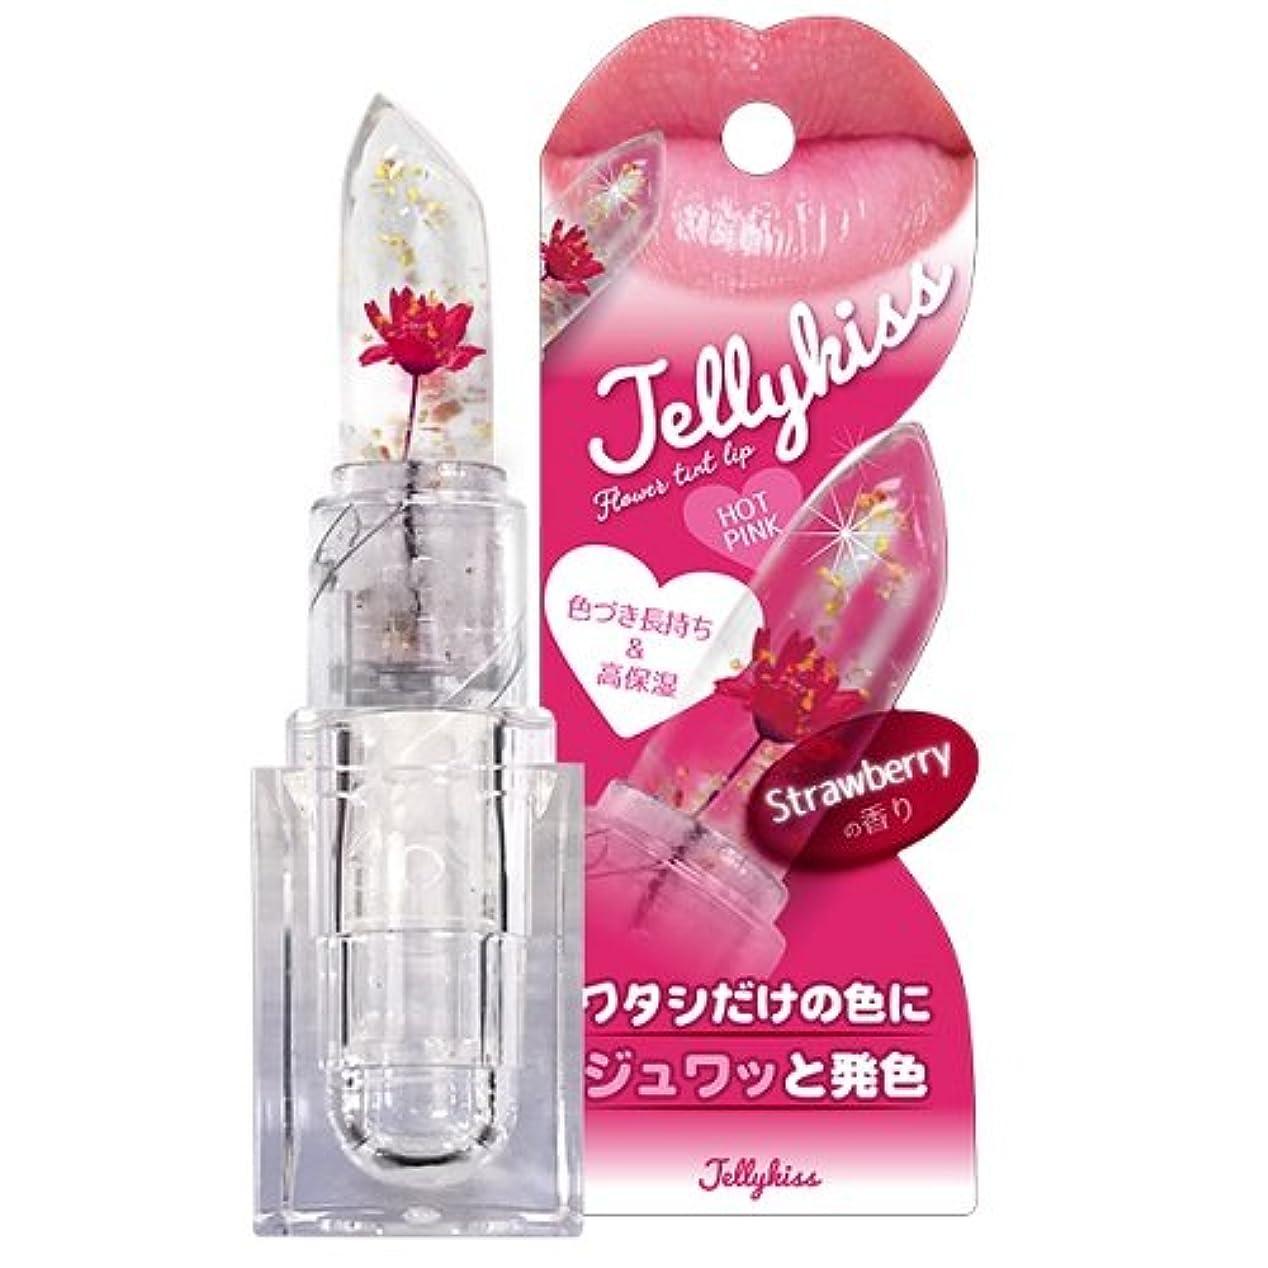 ジェリキス (Jelly kiss) 01 ホットピンク 3.5g